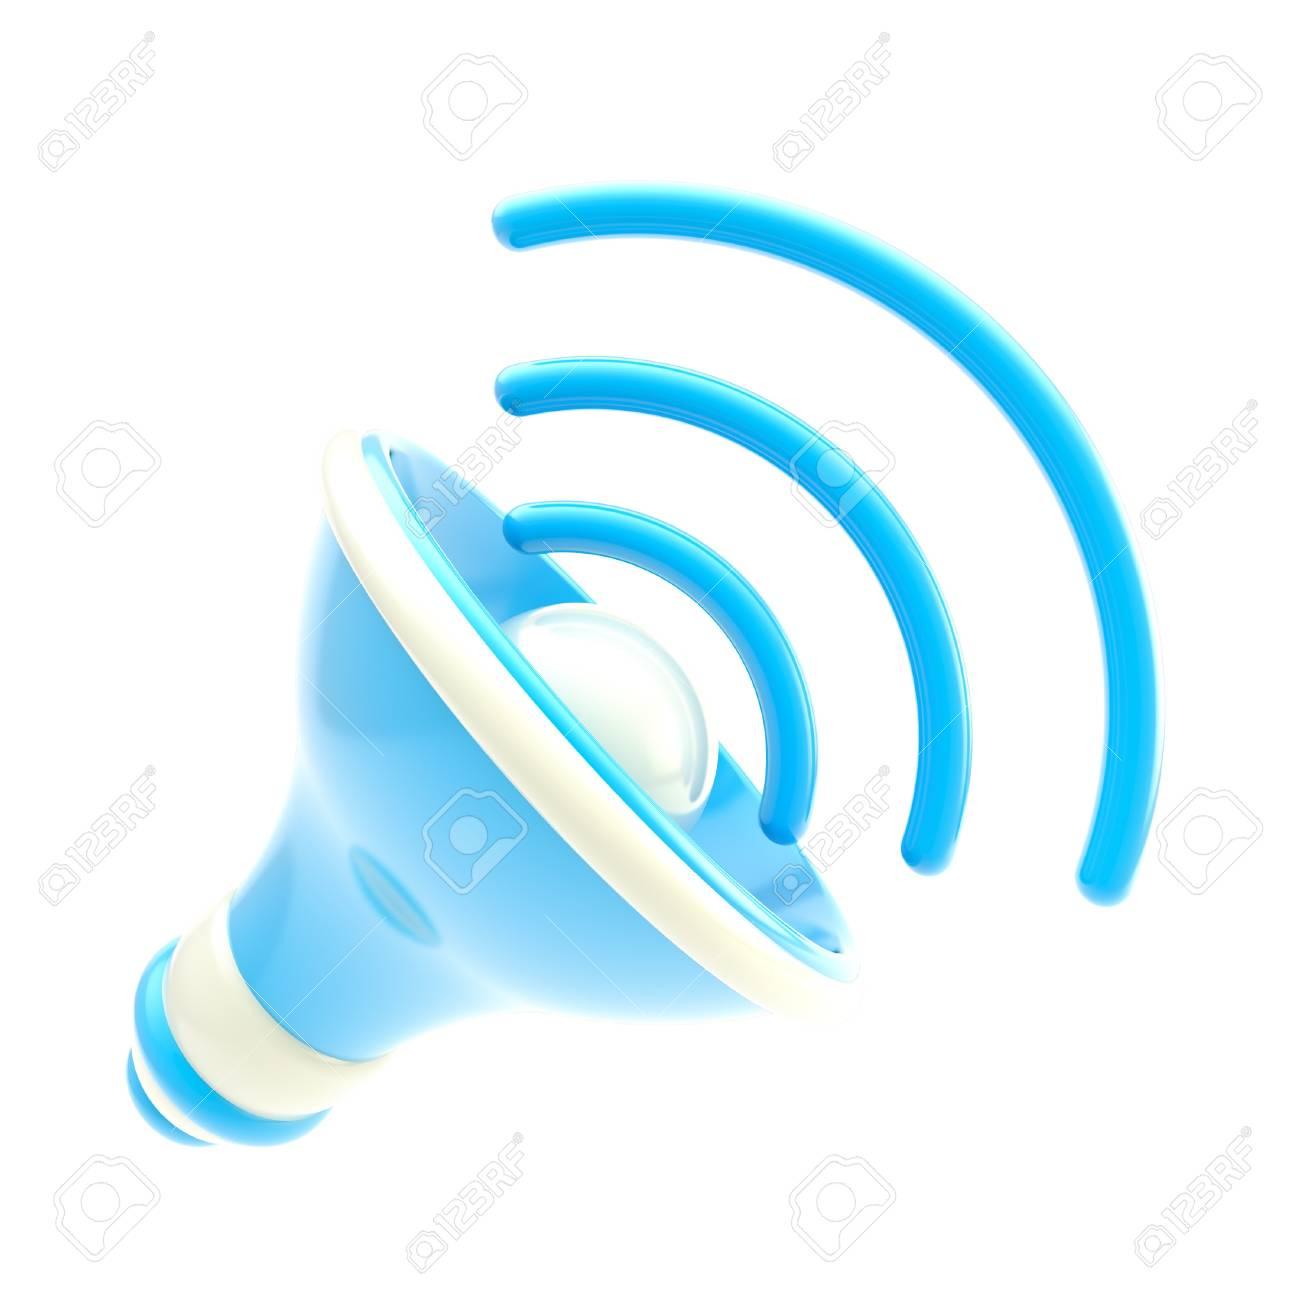 Stylized dynamic blue speaker isolated Stock Photo - 13243376